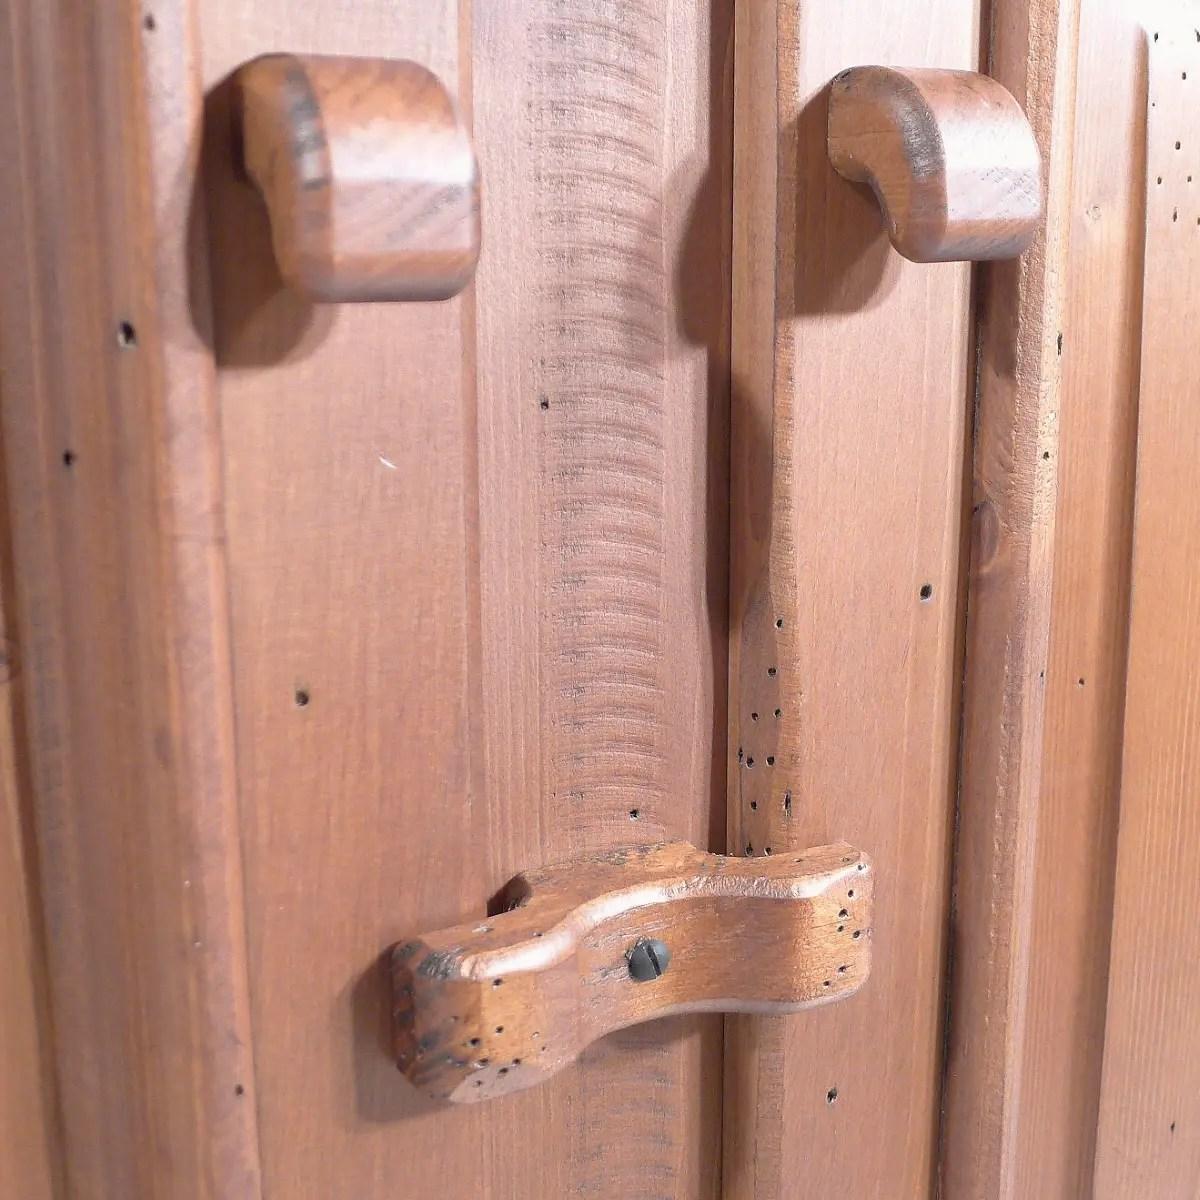 Aparador rstico de madera pequeo Ecorstico venta de muebles